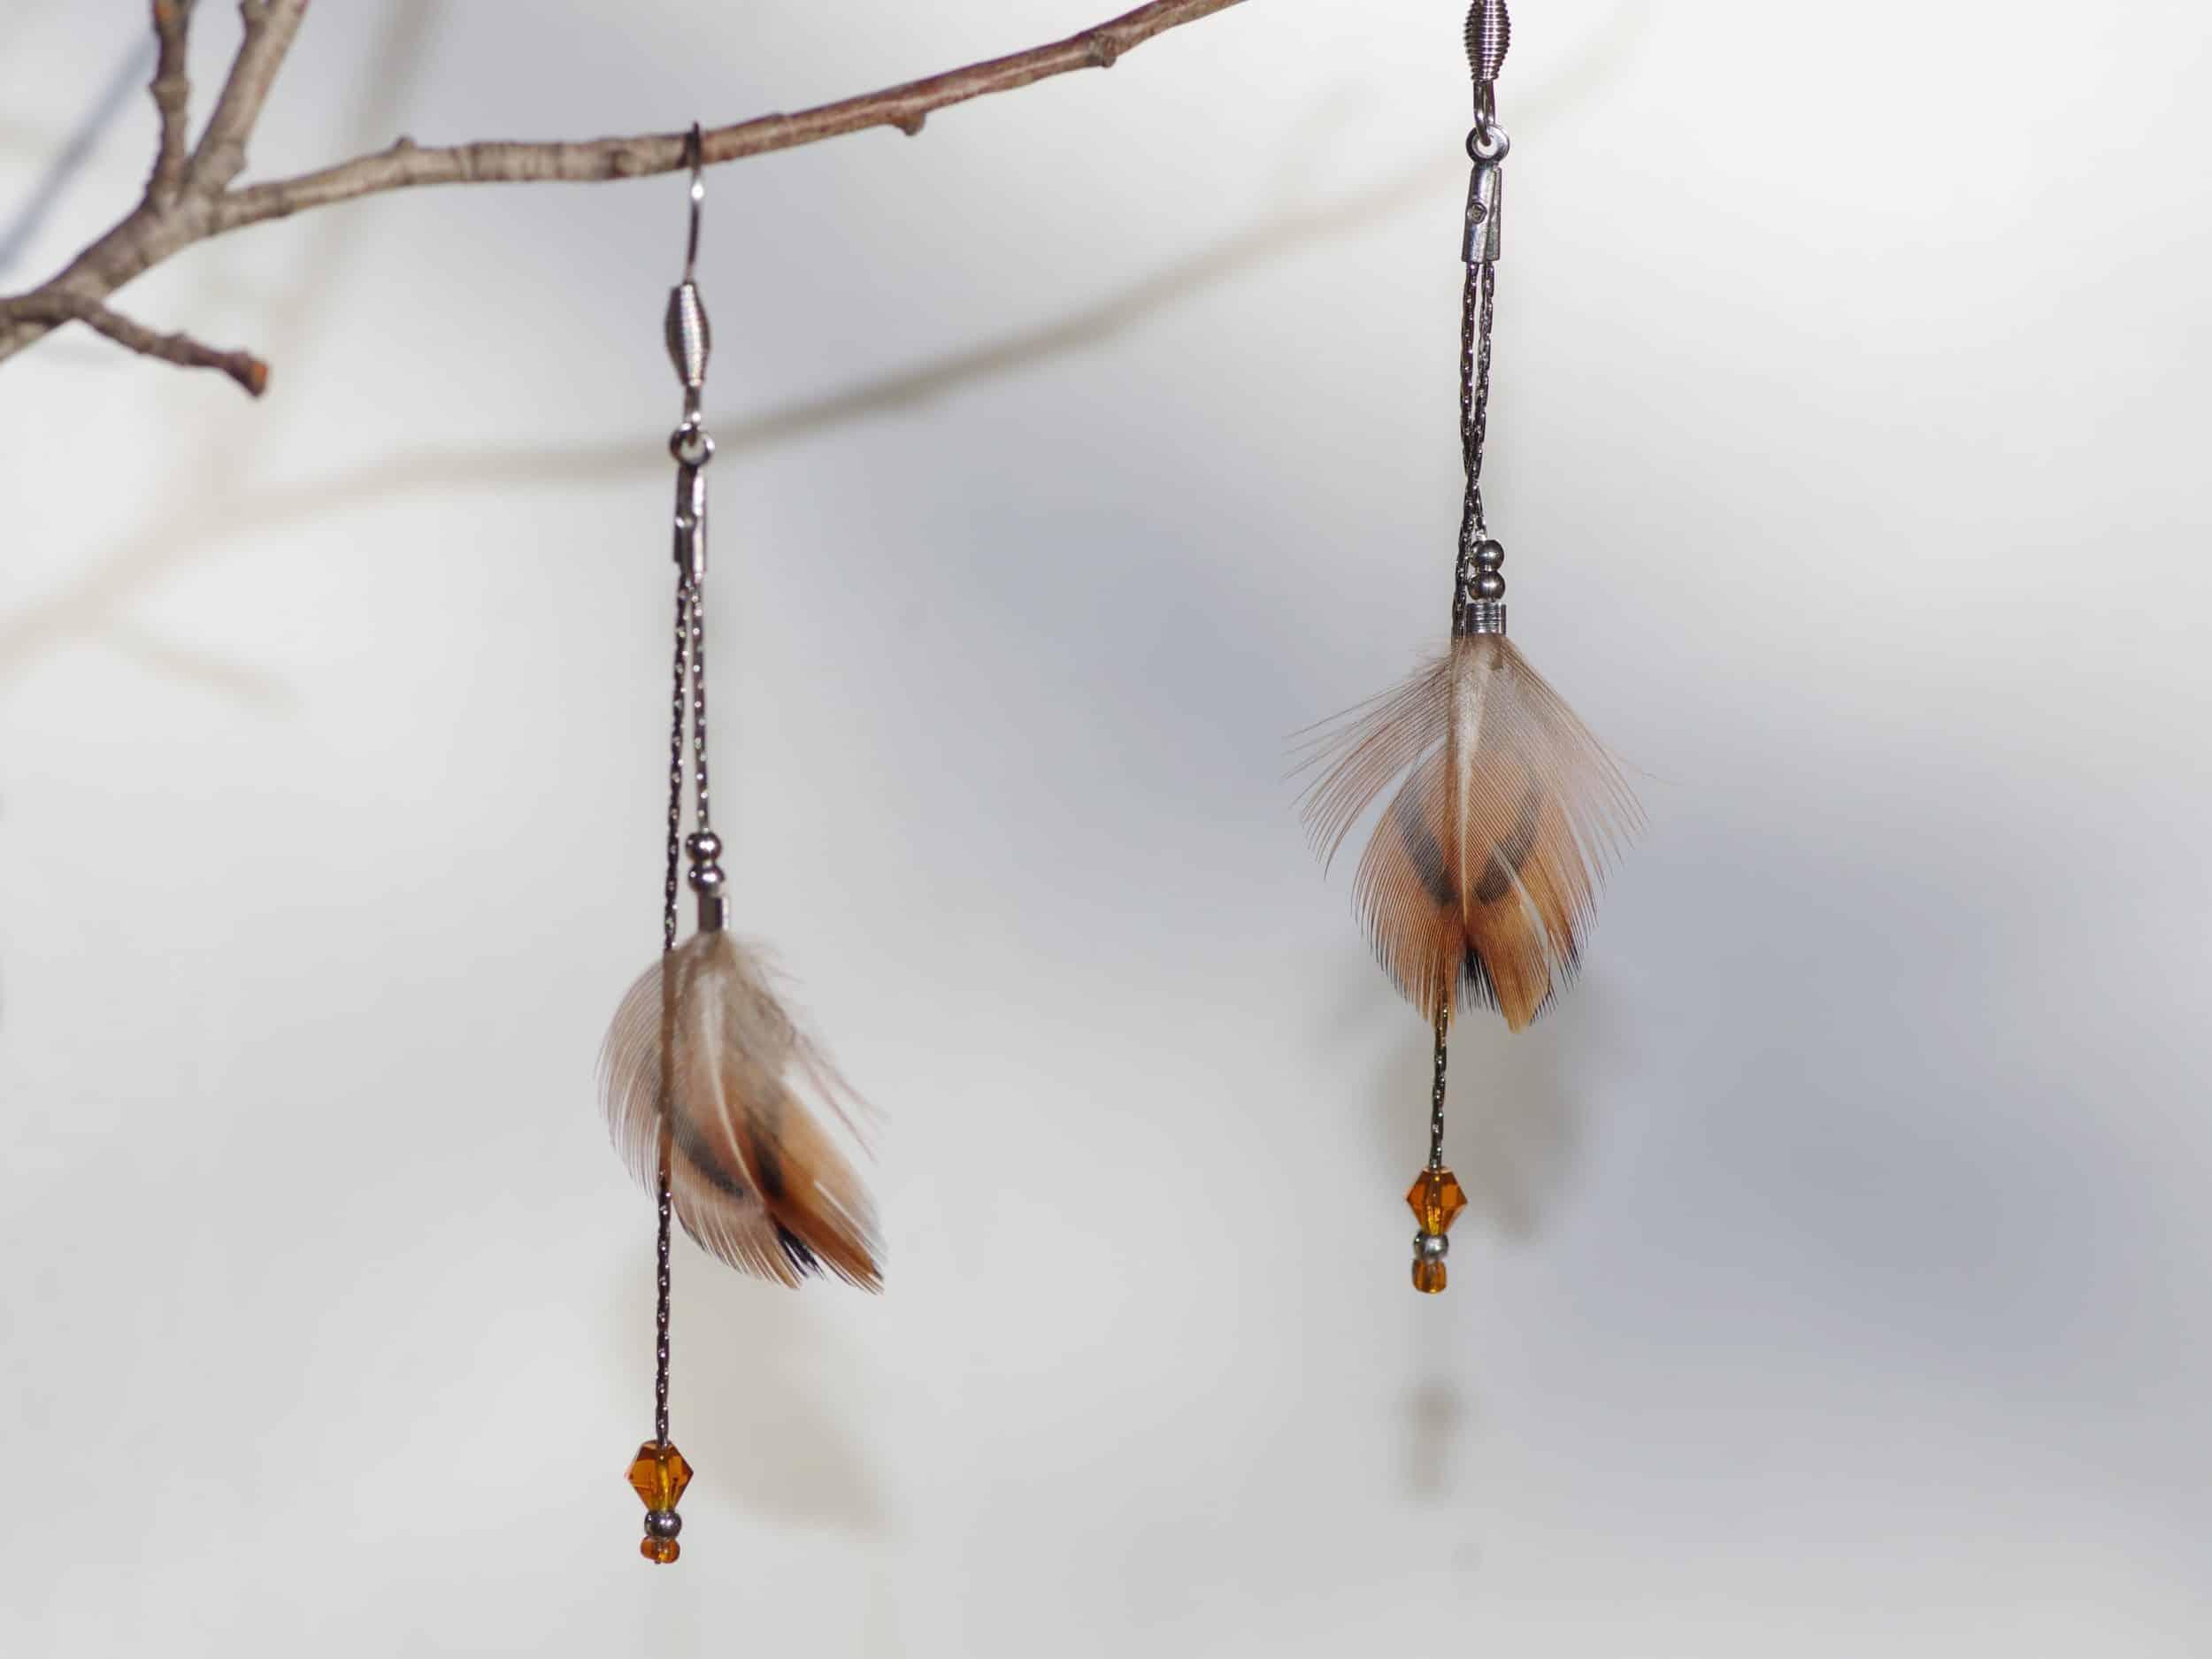 boucles d'oreilles à petites plumes marron sur de fines chaînes argentées, chic et naturel